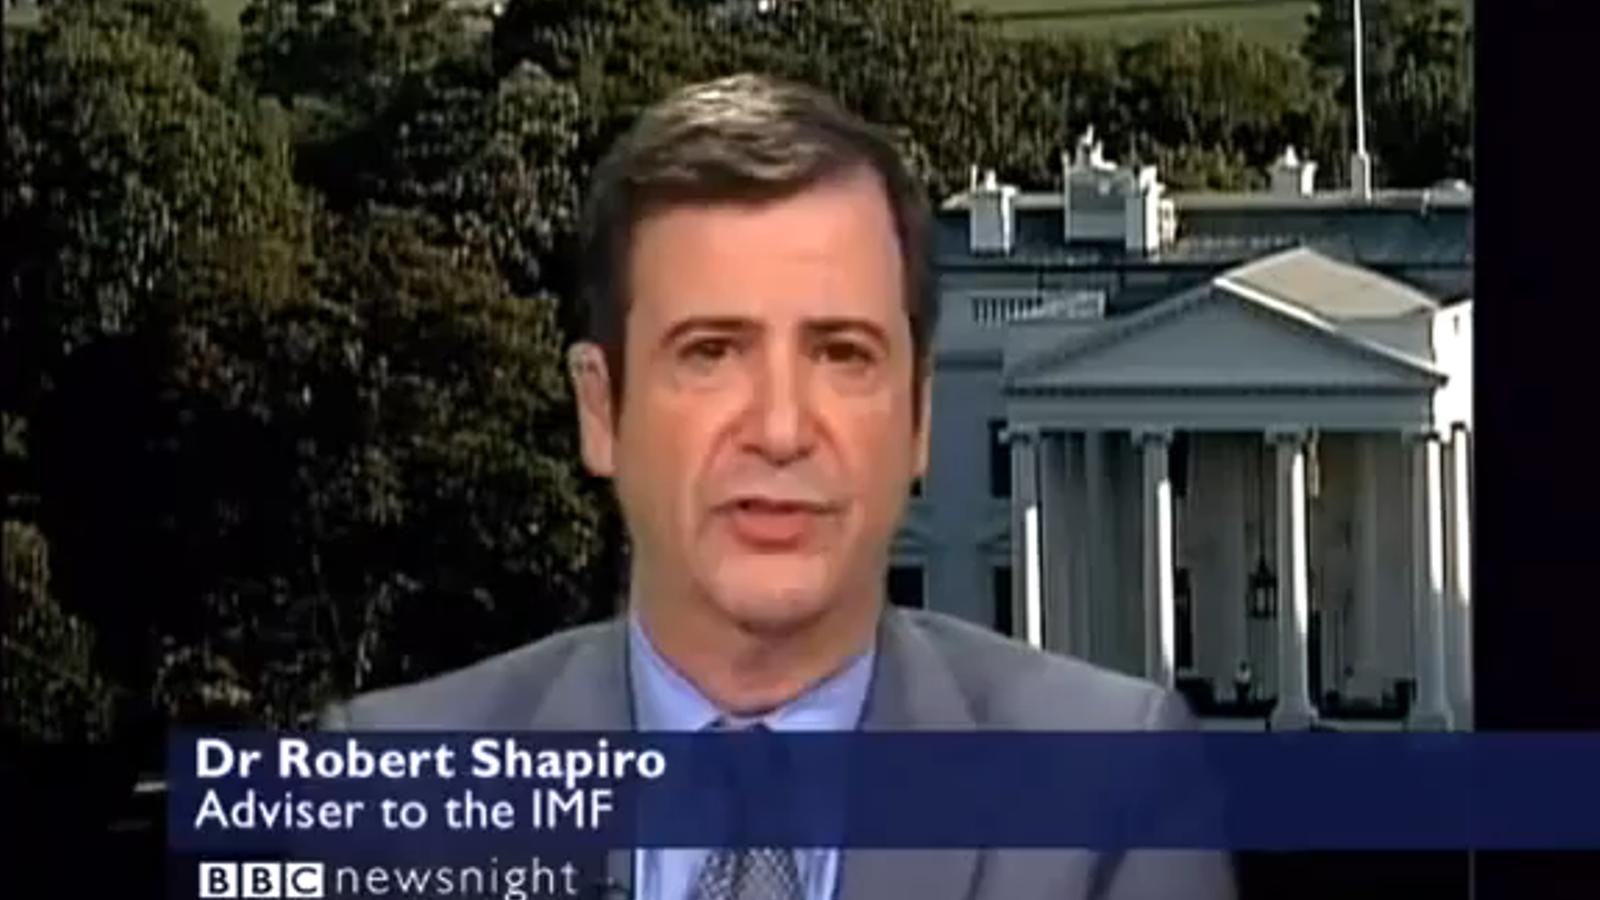 Un assessor de l'FMI augura el col·lapse de la banca europea en dues o tres setmanes